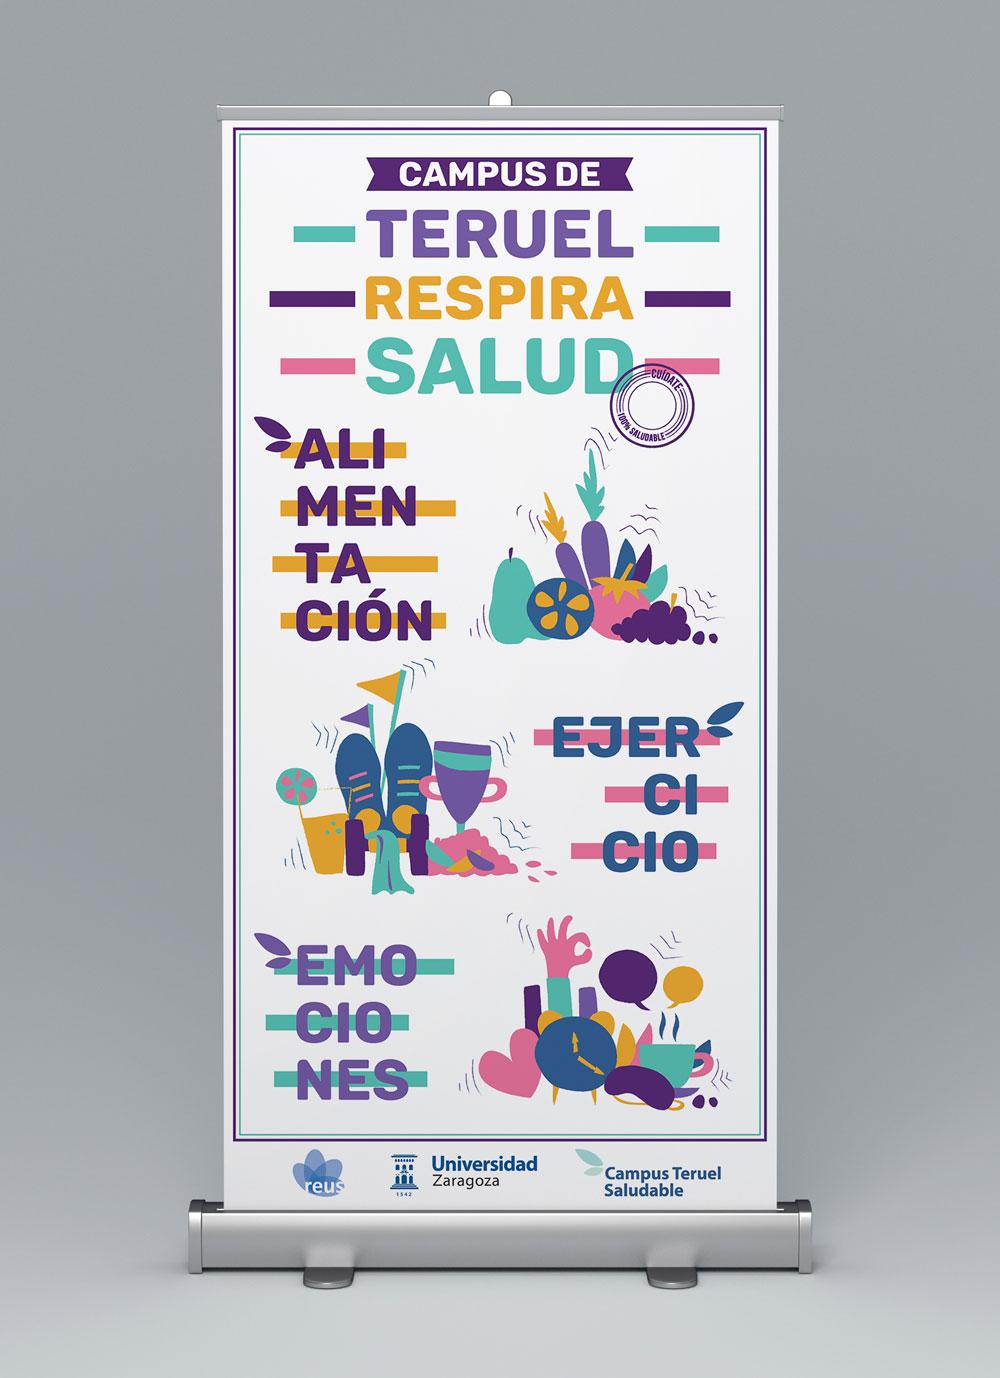 Diseño gráfico para la Universidad de Zaragoza por unos hábitos más sanos